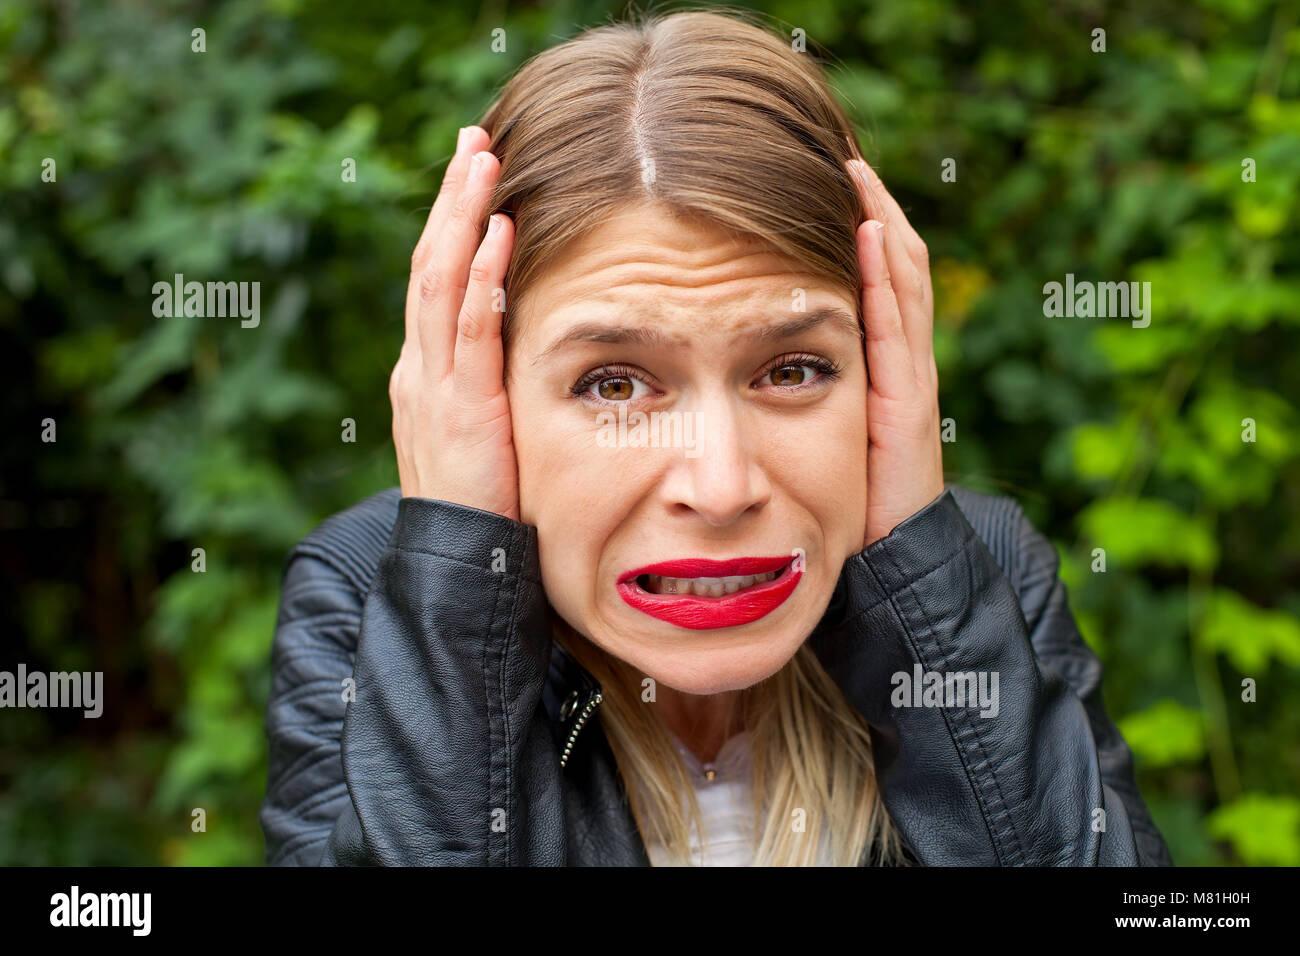 Mujer joven haciendo una mueca exterior, fondo verde. Triste - expresión malhumorada Imagen De Stock